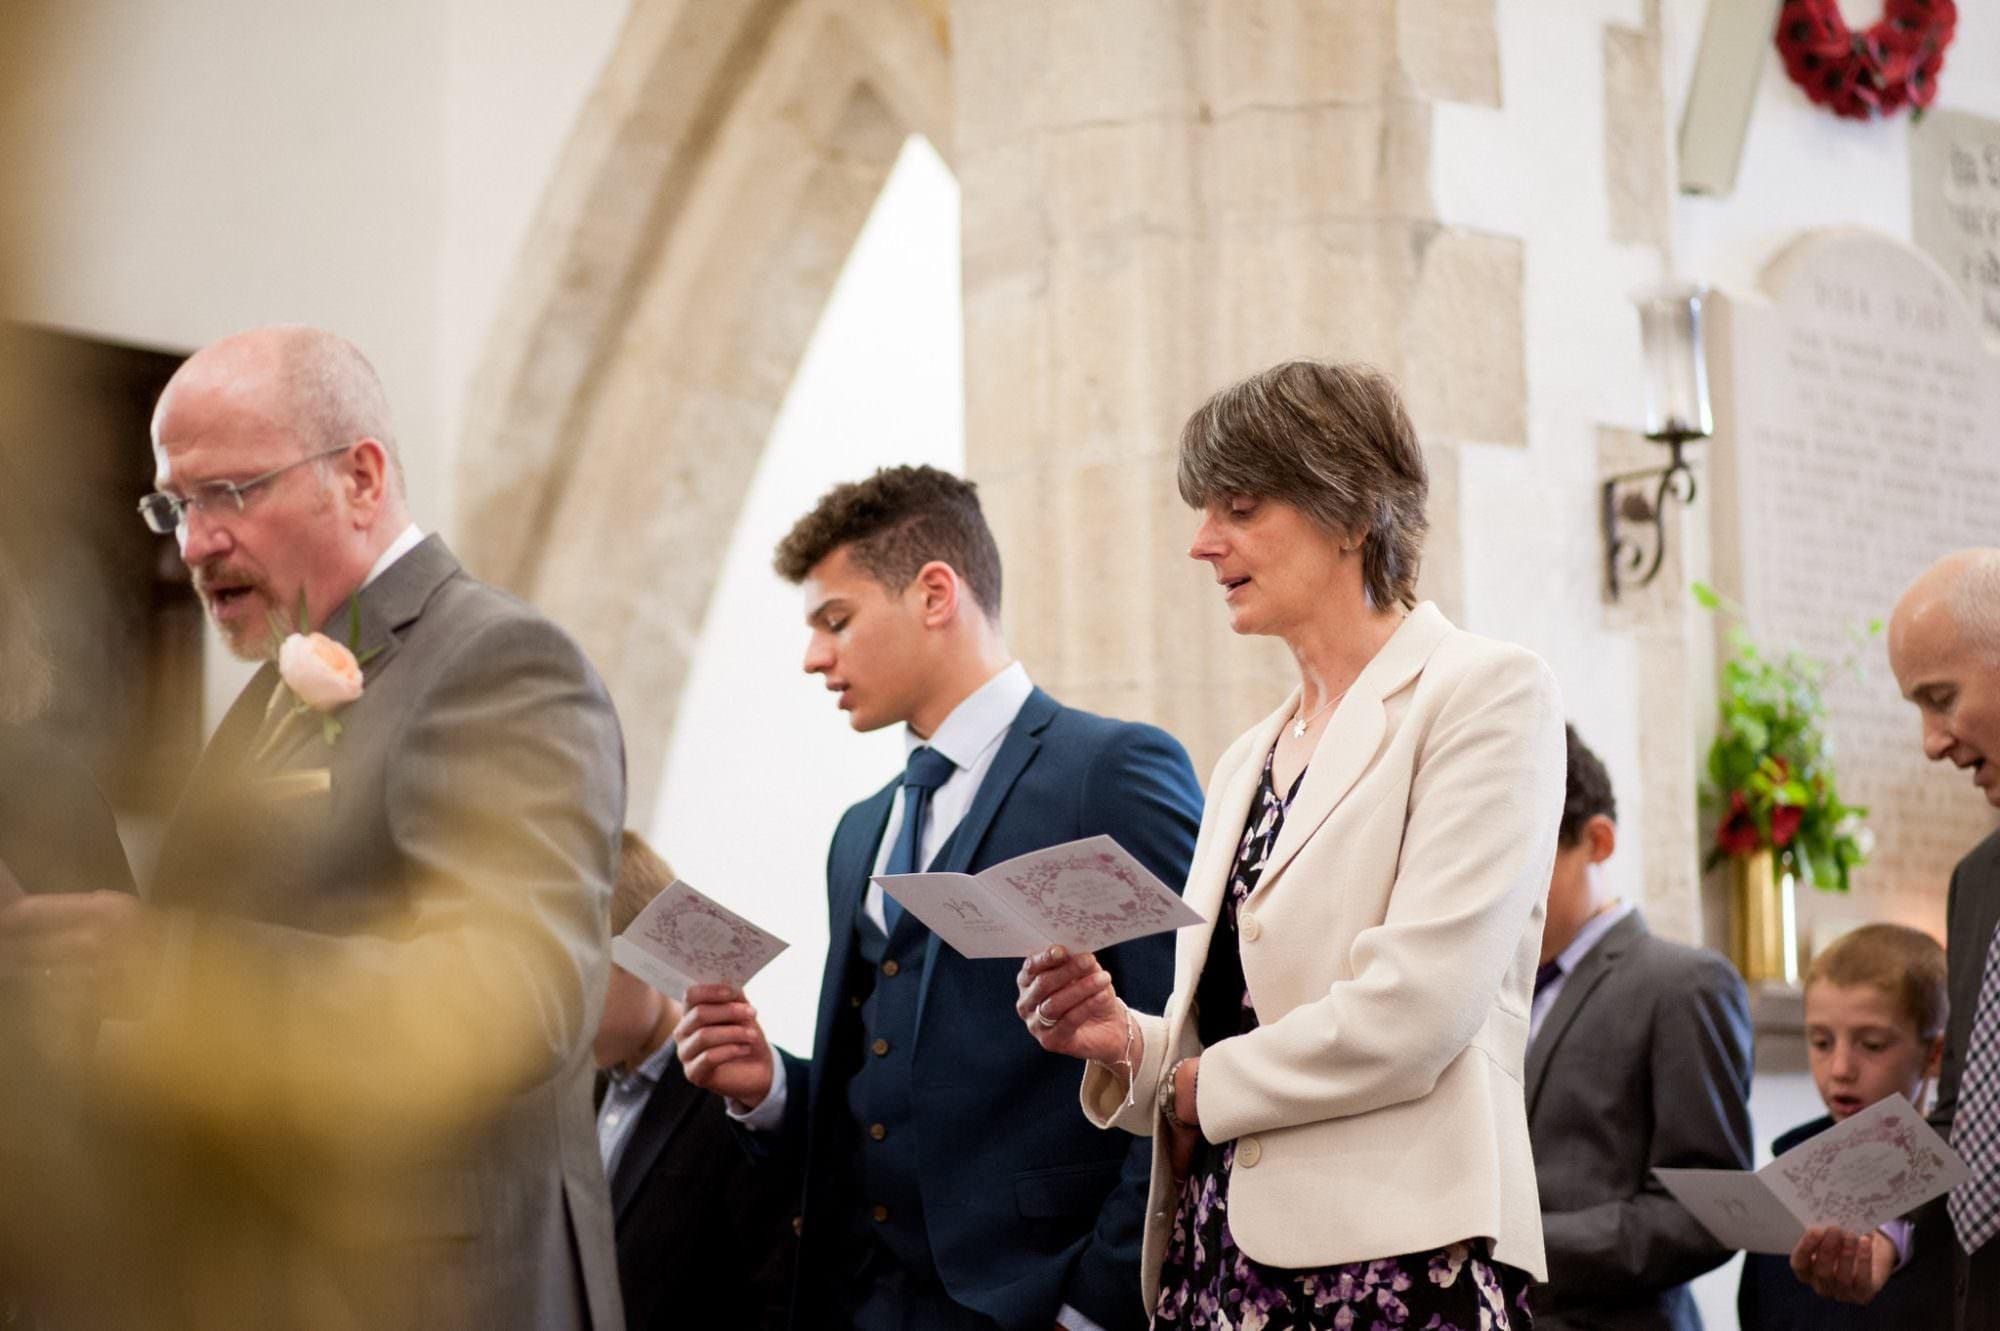 Wedding hymn at Sopley Church